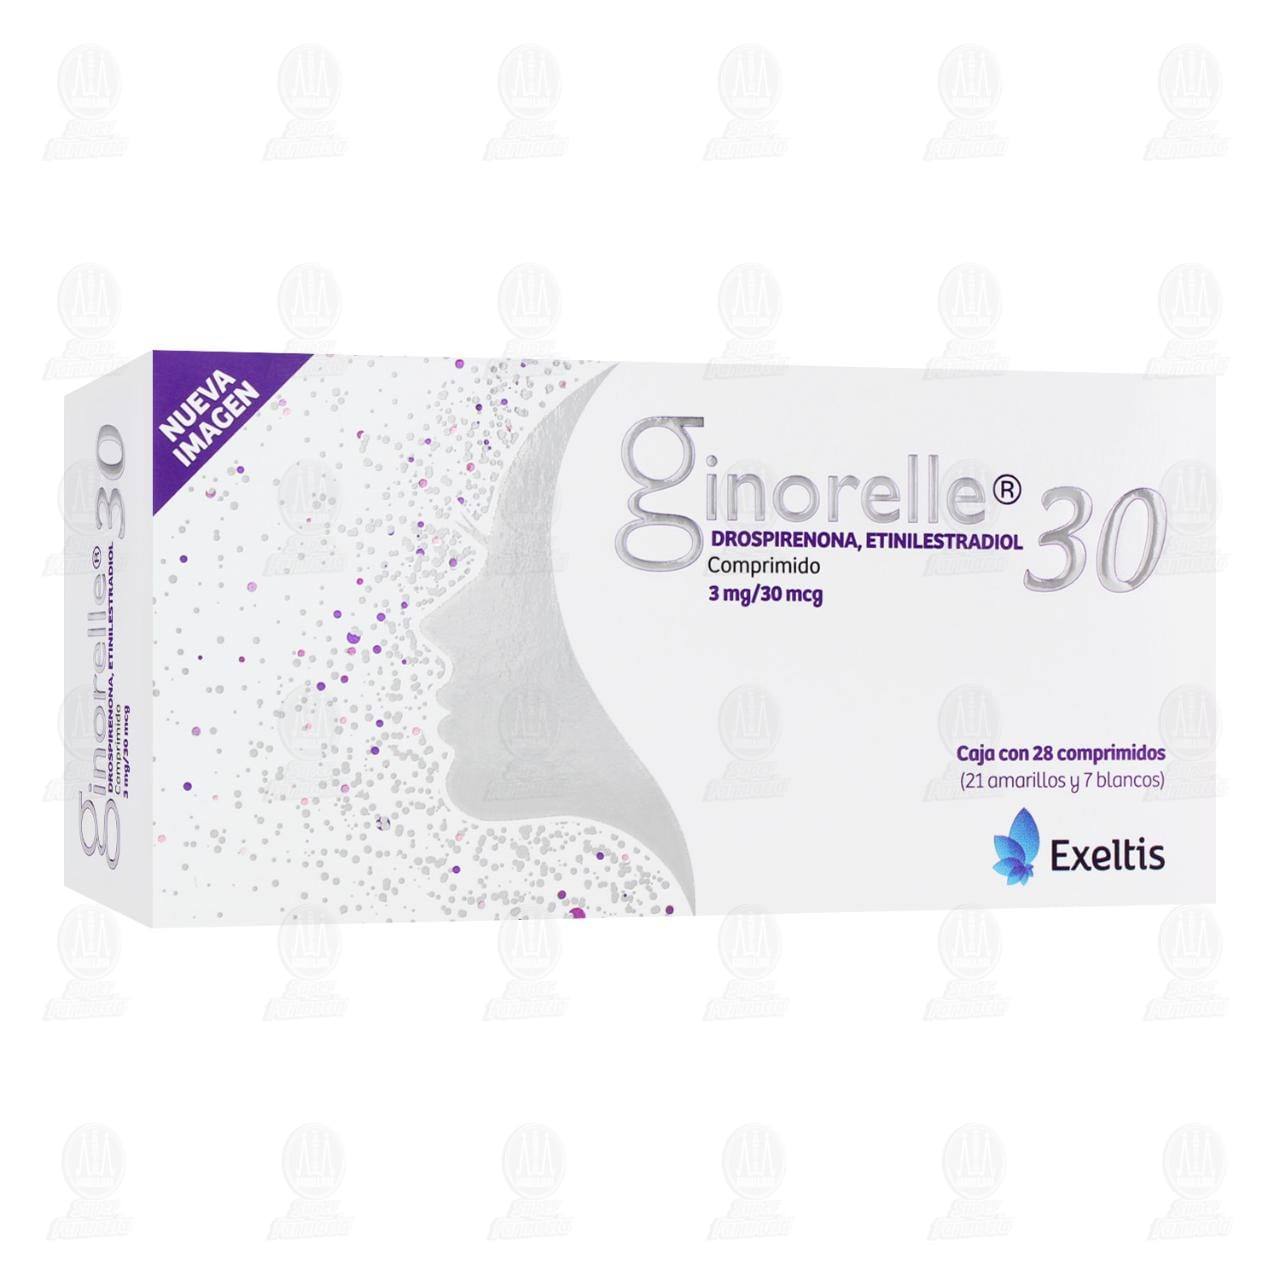 Ginorelle 30mcg/3mg 28 Comprimidos